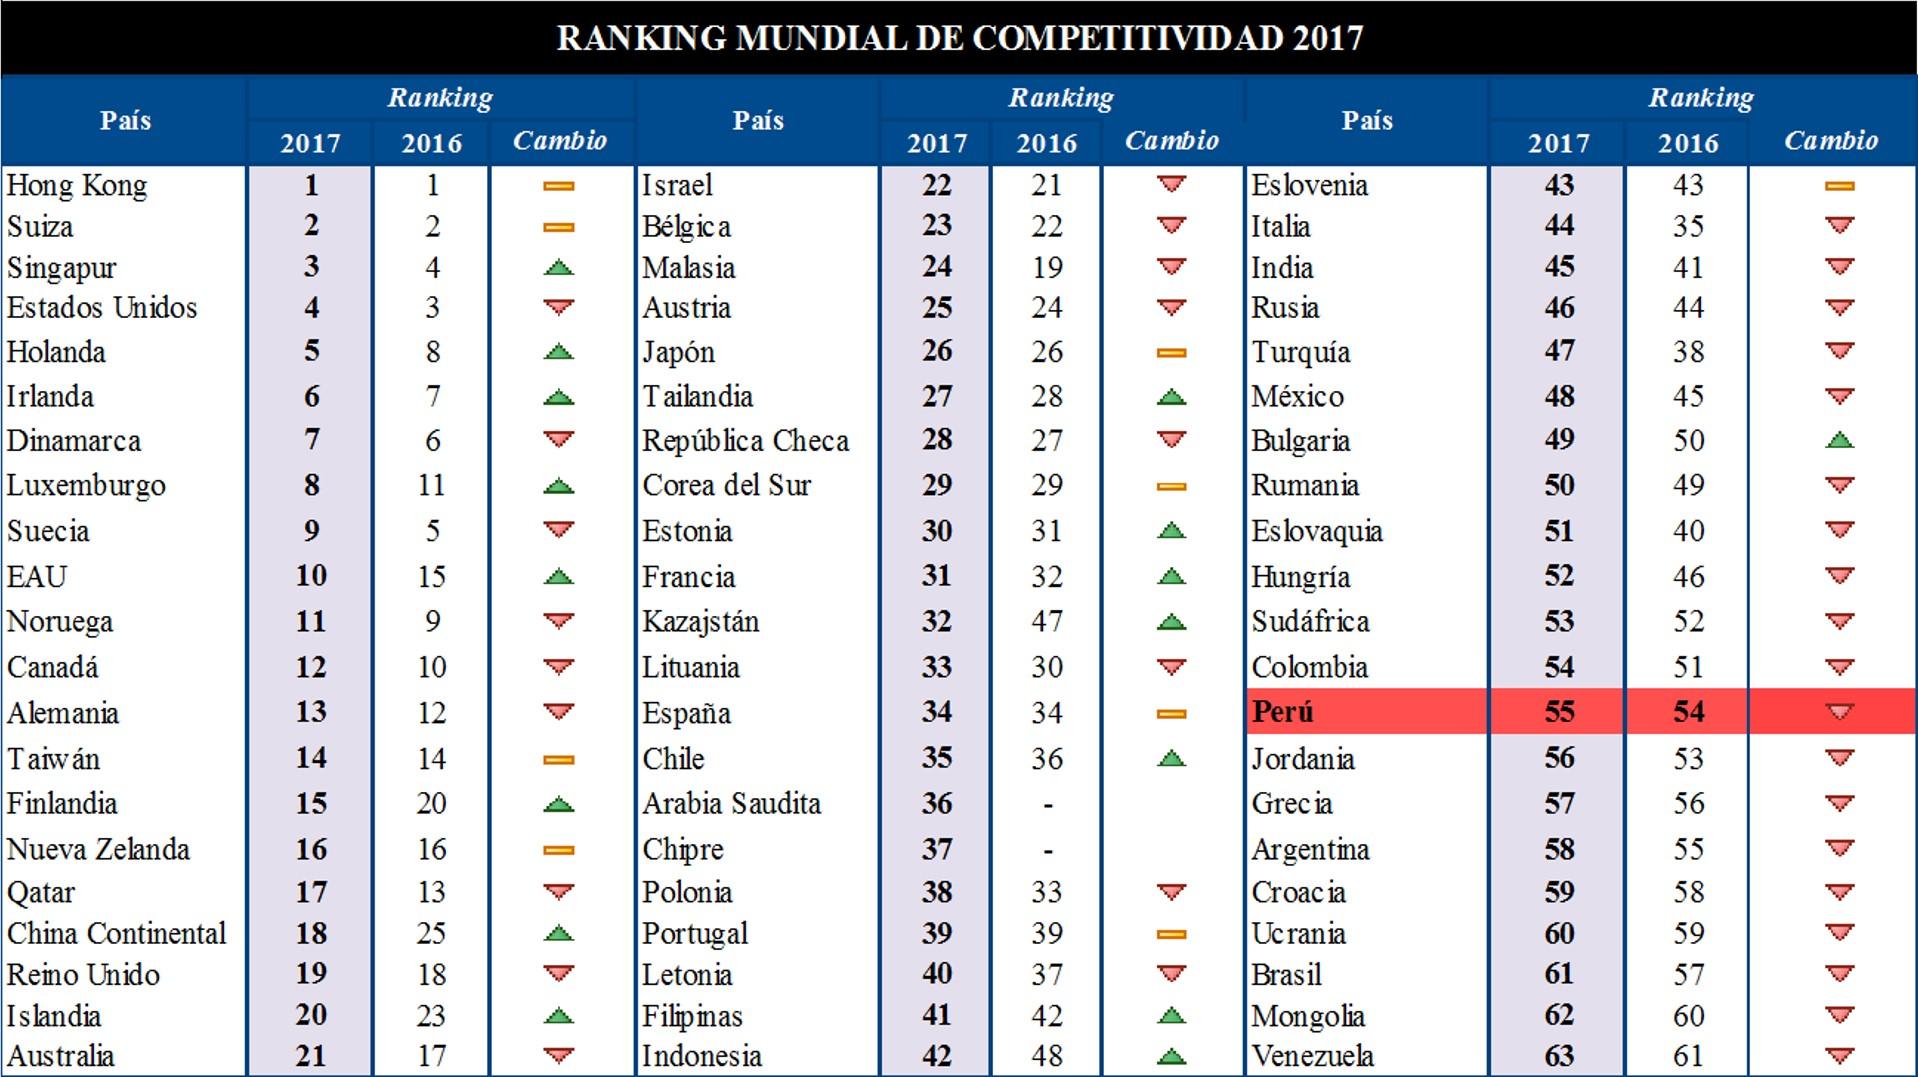 Perú está en penúltimo puesto en competitividad digital, solo supera a Venezuela